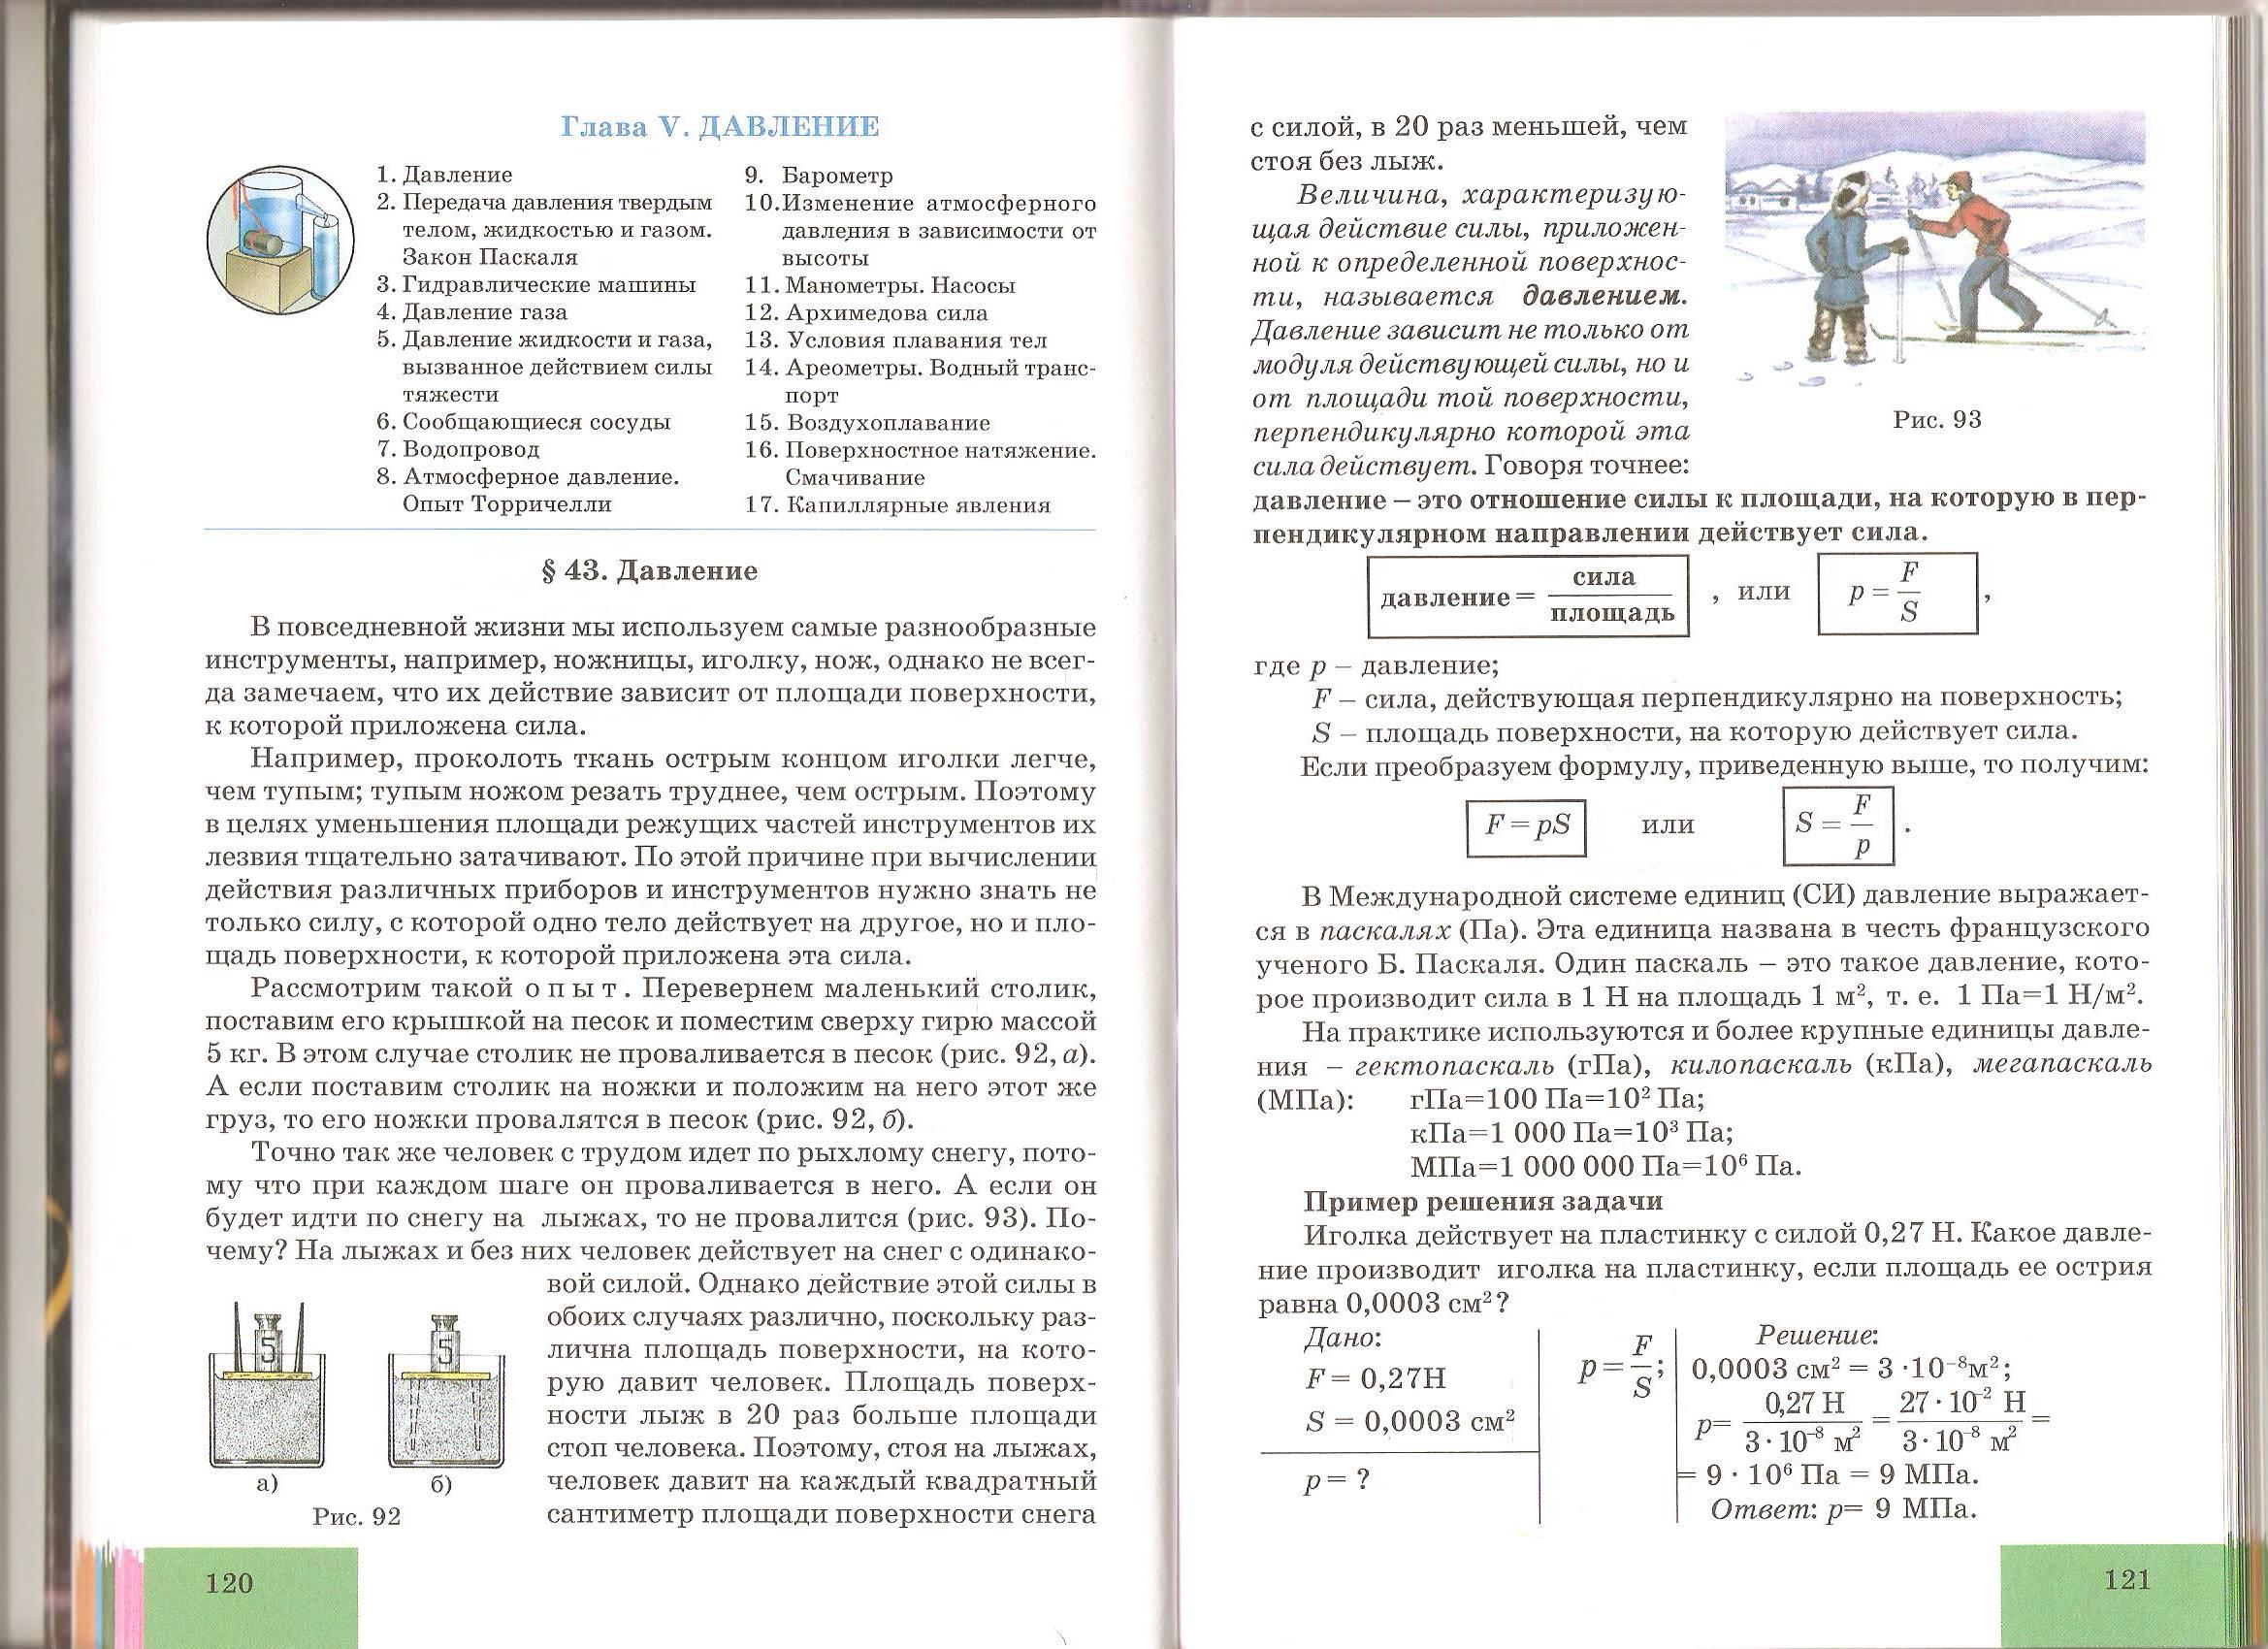 используя инструкцию требования к составлению плана параграфа на с 18 учебника